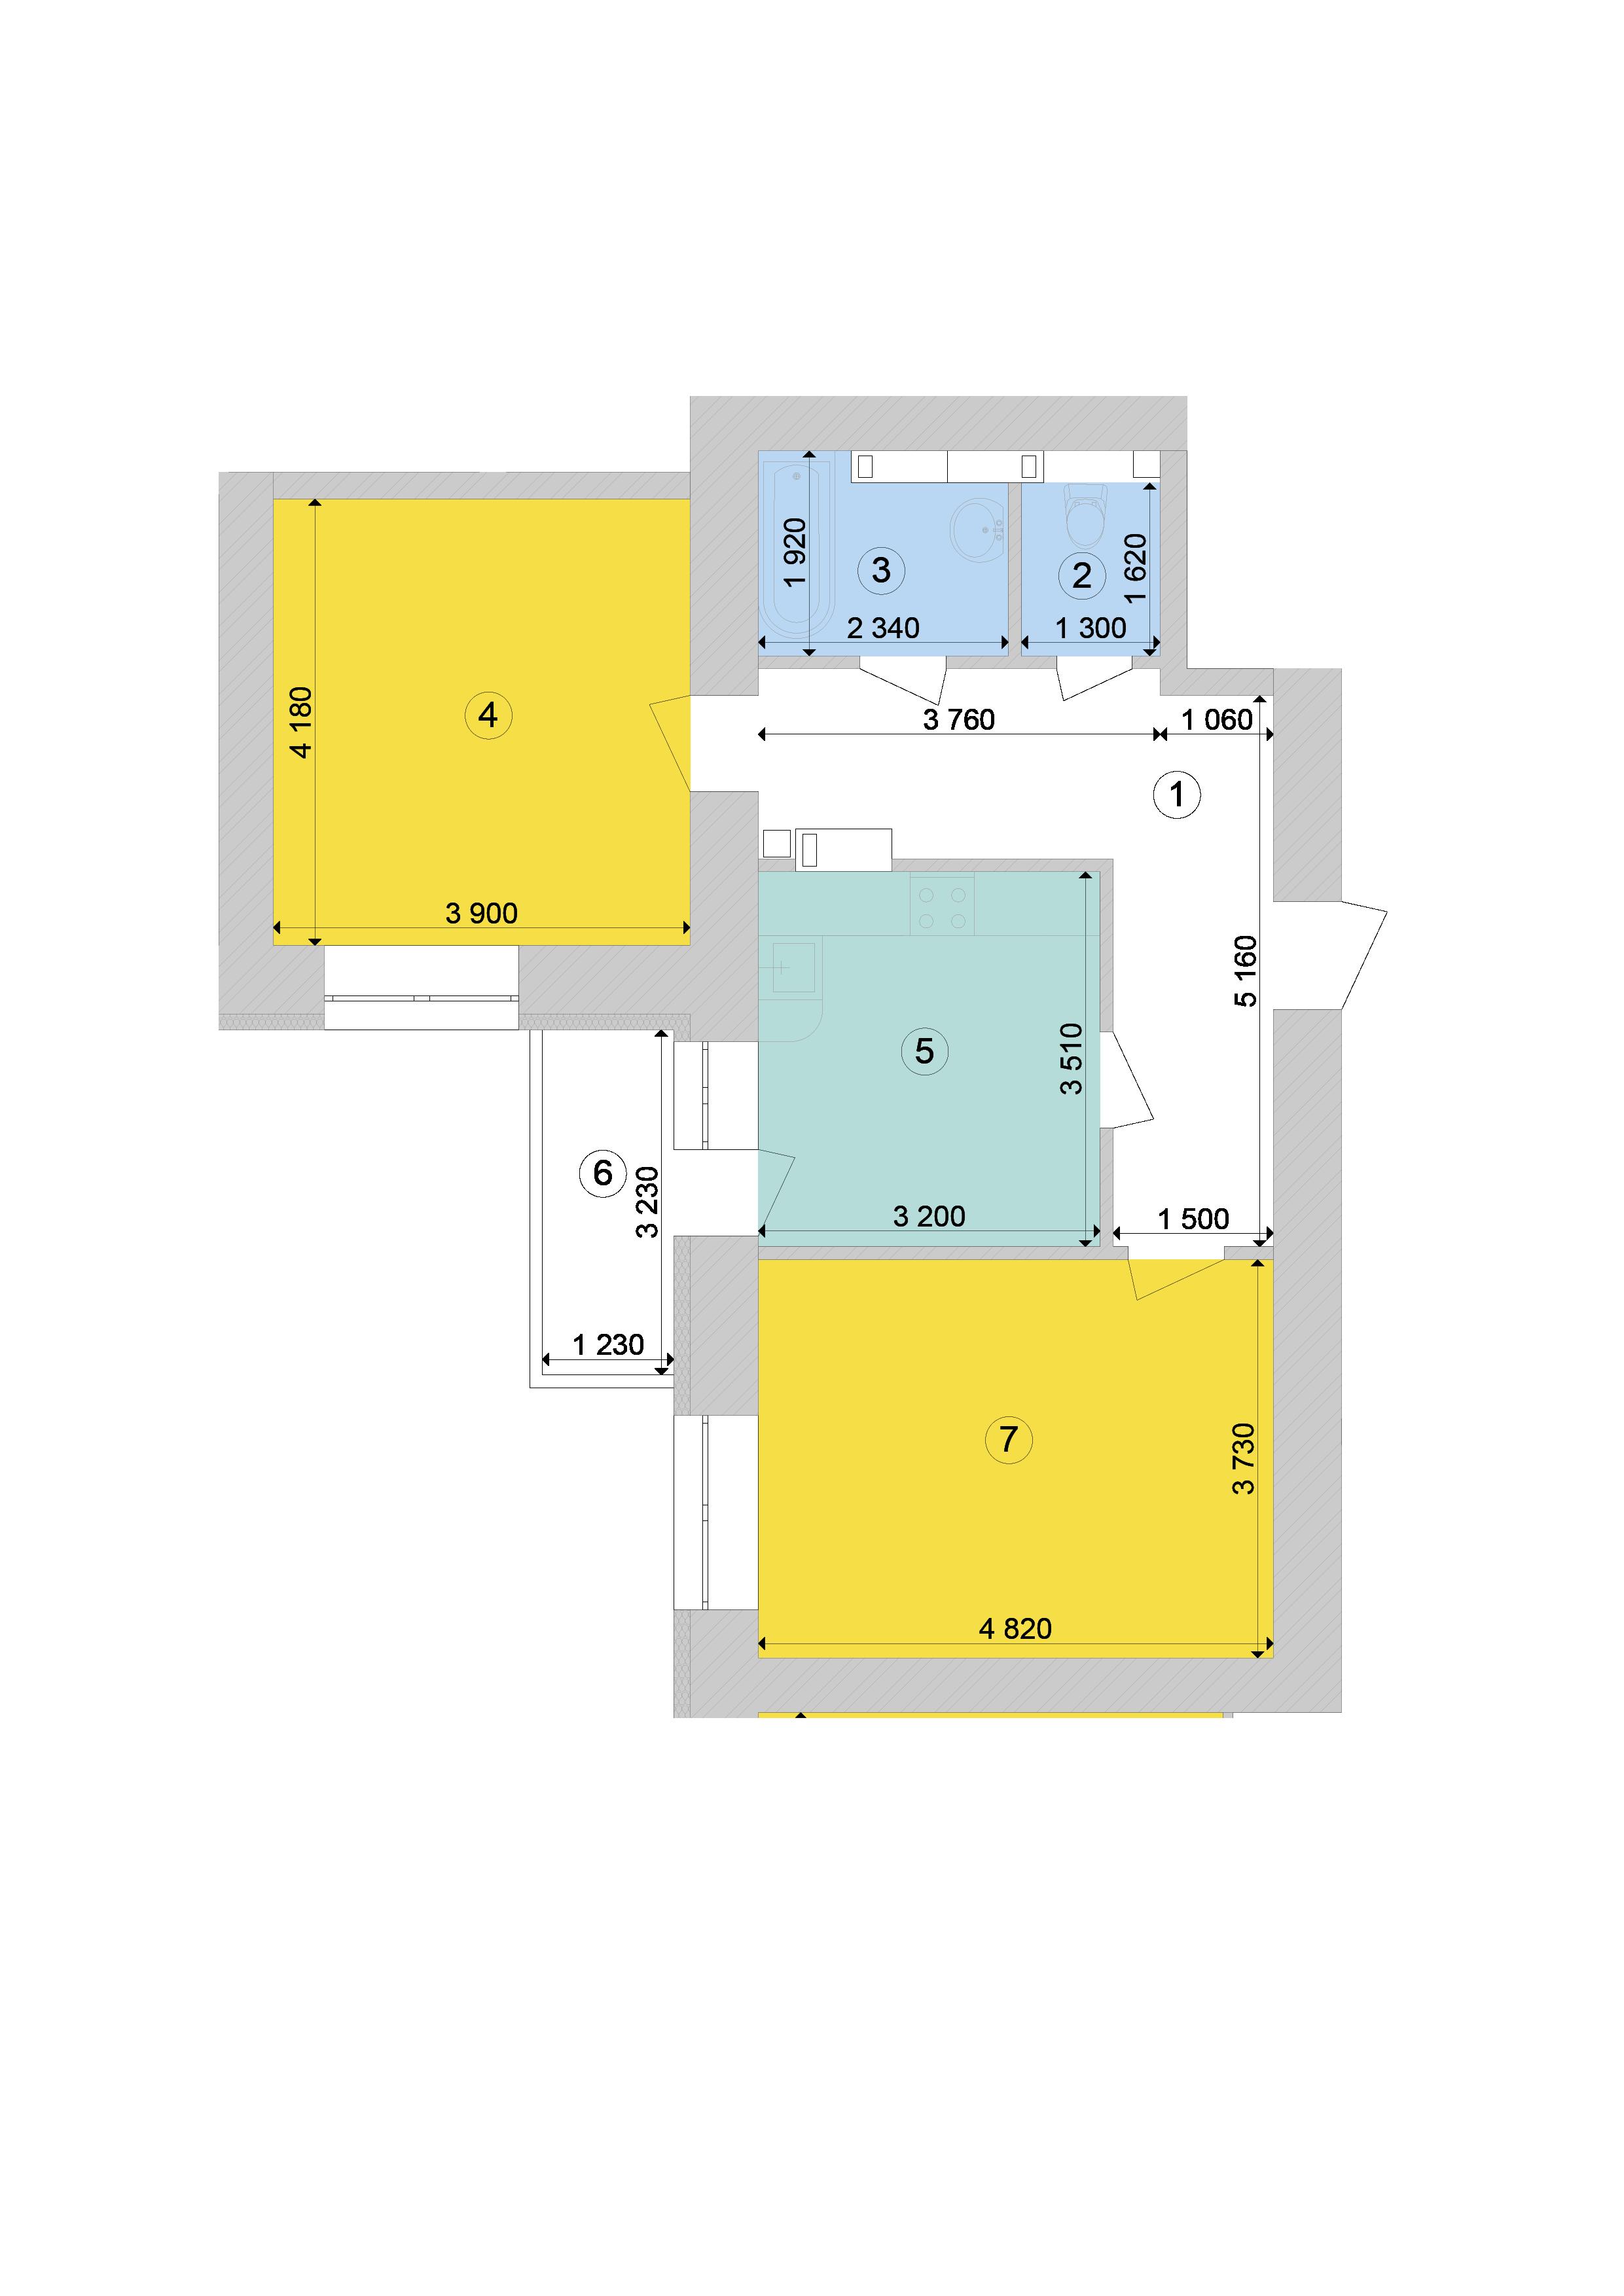 Купити Двокімнатна квартира 64,97 кв.м., тип 2.2, будинок 1, секція 7 в Києві Голосіївський район